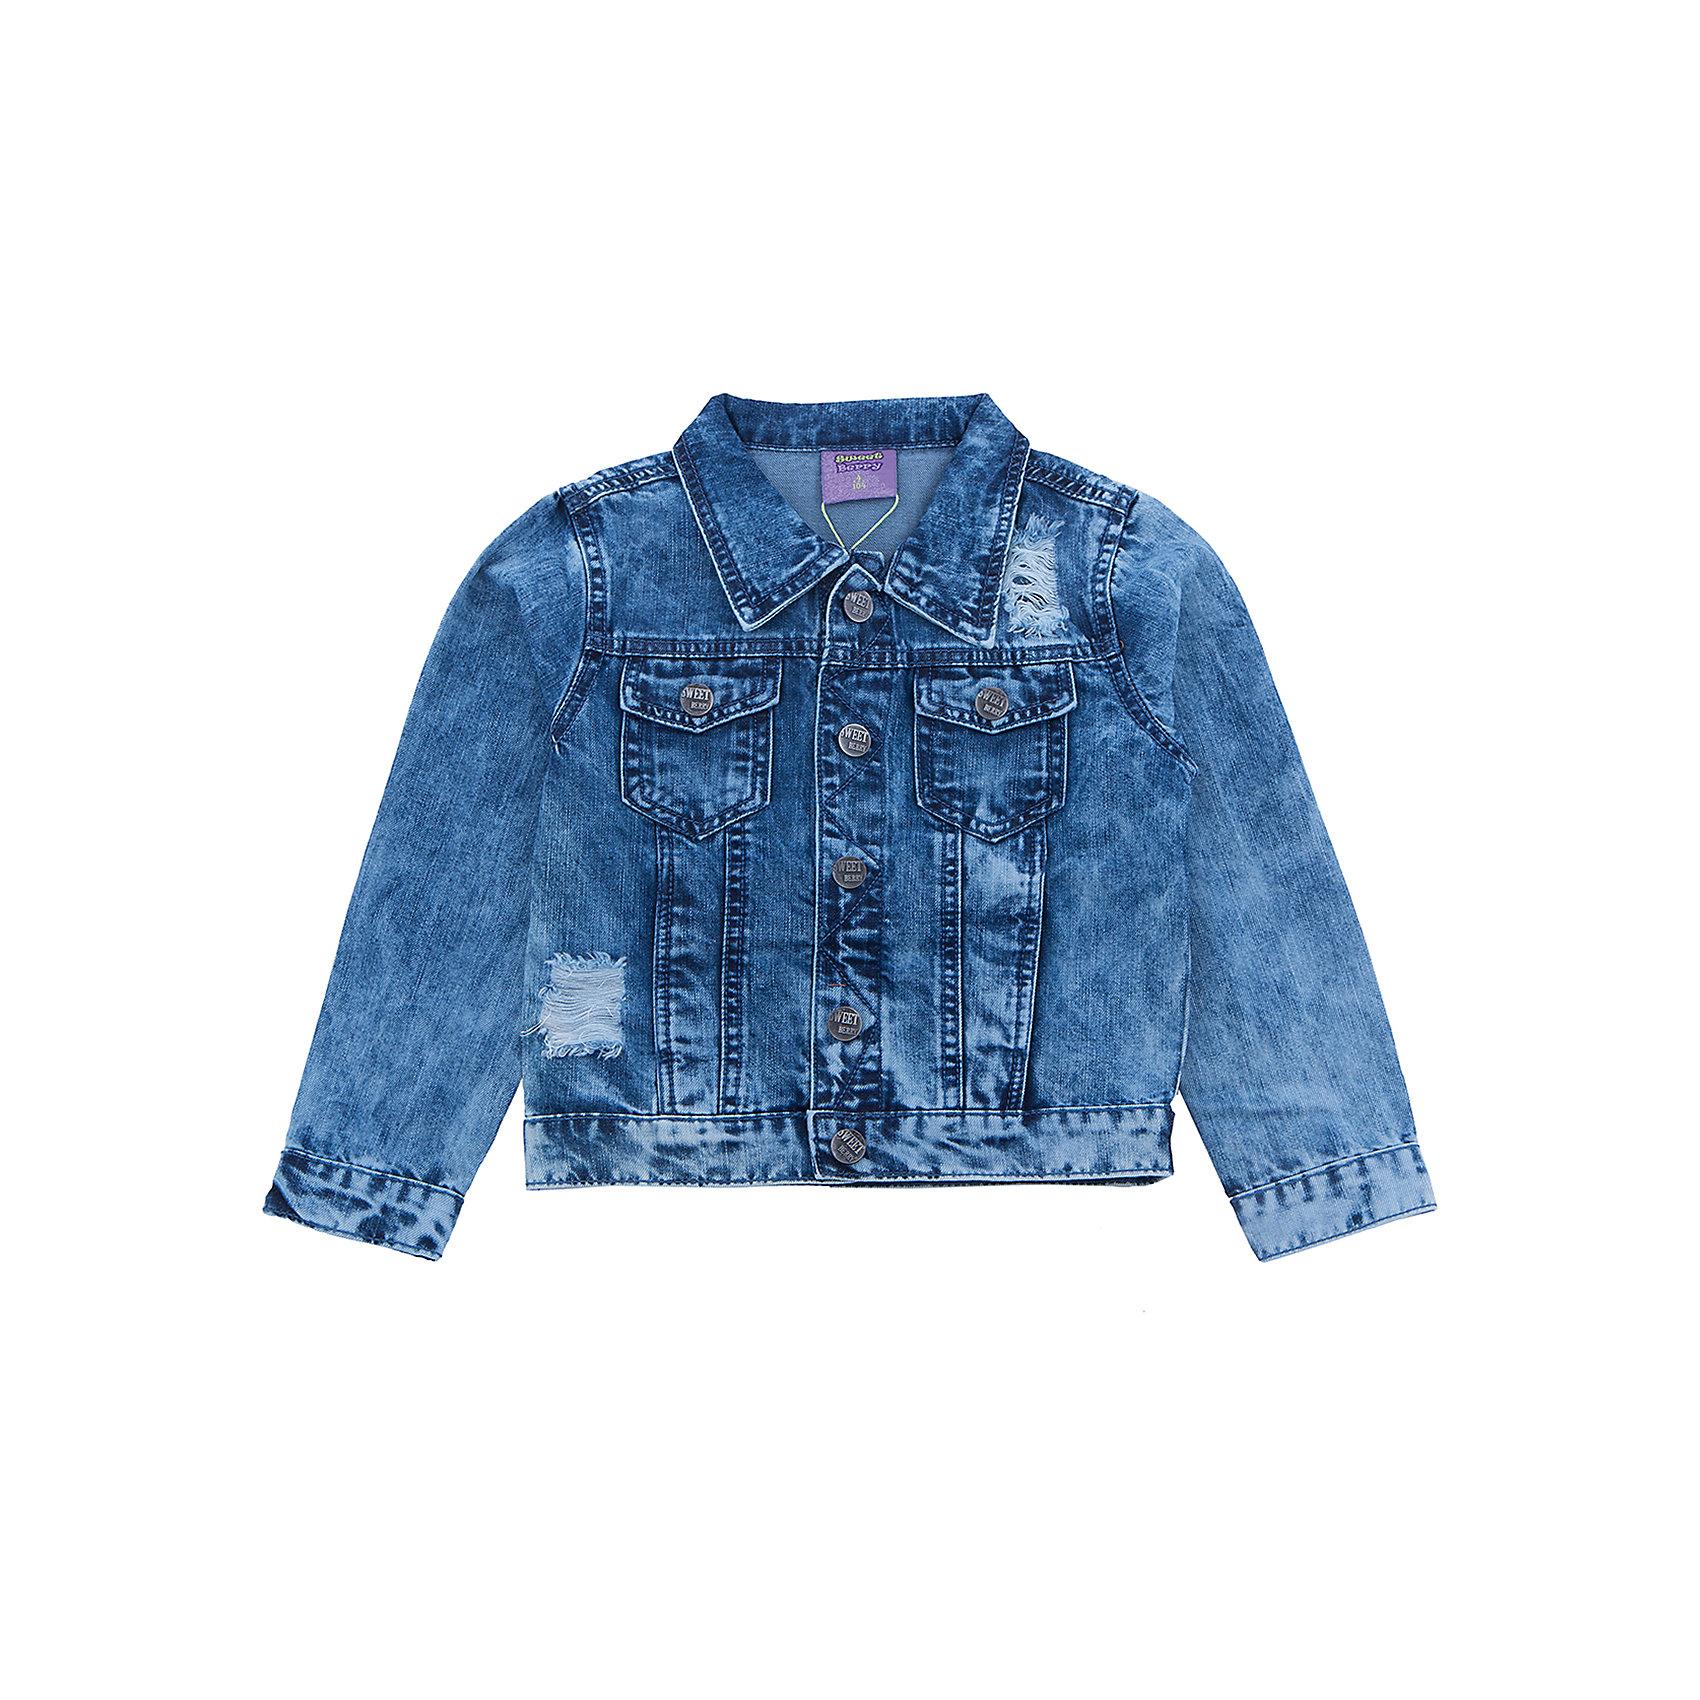 Куртка джинсовая для мальчика Sweet BerryДжинсовая одежда<br>Джинсовая куртка  для мальчика с оригинальной варкой. Декорированна потертостями и эффектом рваной джинсы. Куртка застегивается на кнопки, спереди два накладных кармана. Воротник отложной.<br>Состав:<br>100%хлопок<br><br>Ширина мм: 356<br>Глубина мм: 10<br>Высота мм: 245<br>Вес г: 519<br>Цвет: синий<br>Возраст от месяцев: 36<br>Возраст до месяцев: 48<br>Пол: Мужской<br>Возраст: Детский<br>Размер: 104,98,110,116,122,128<br>SKU: 5410208